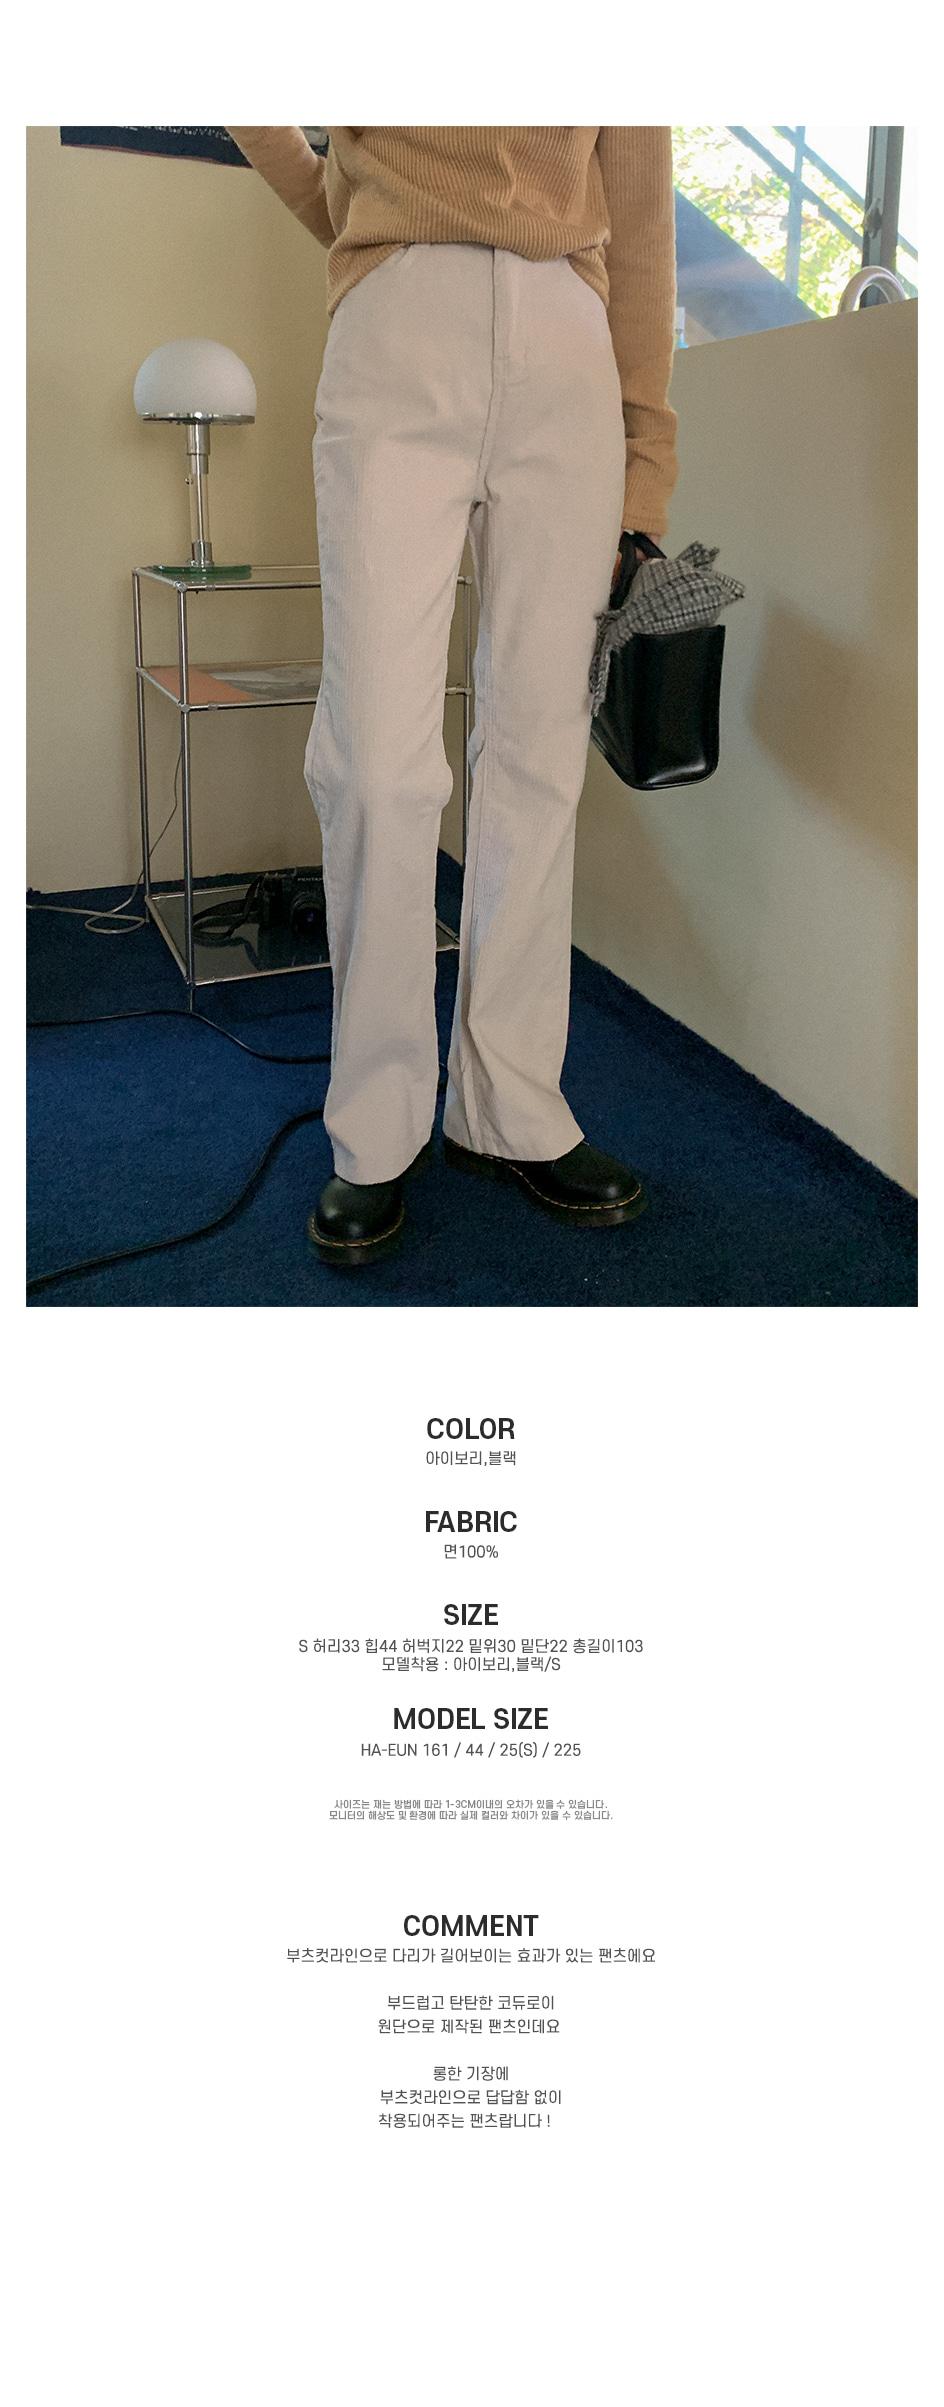 Kingsty corduroy trousers